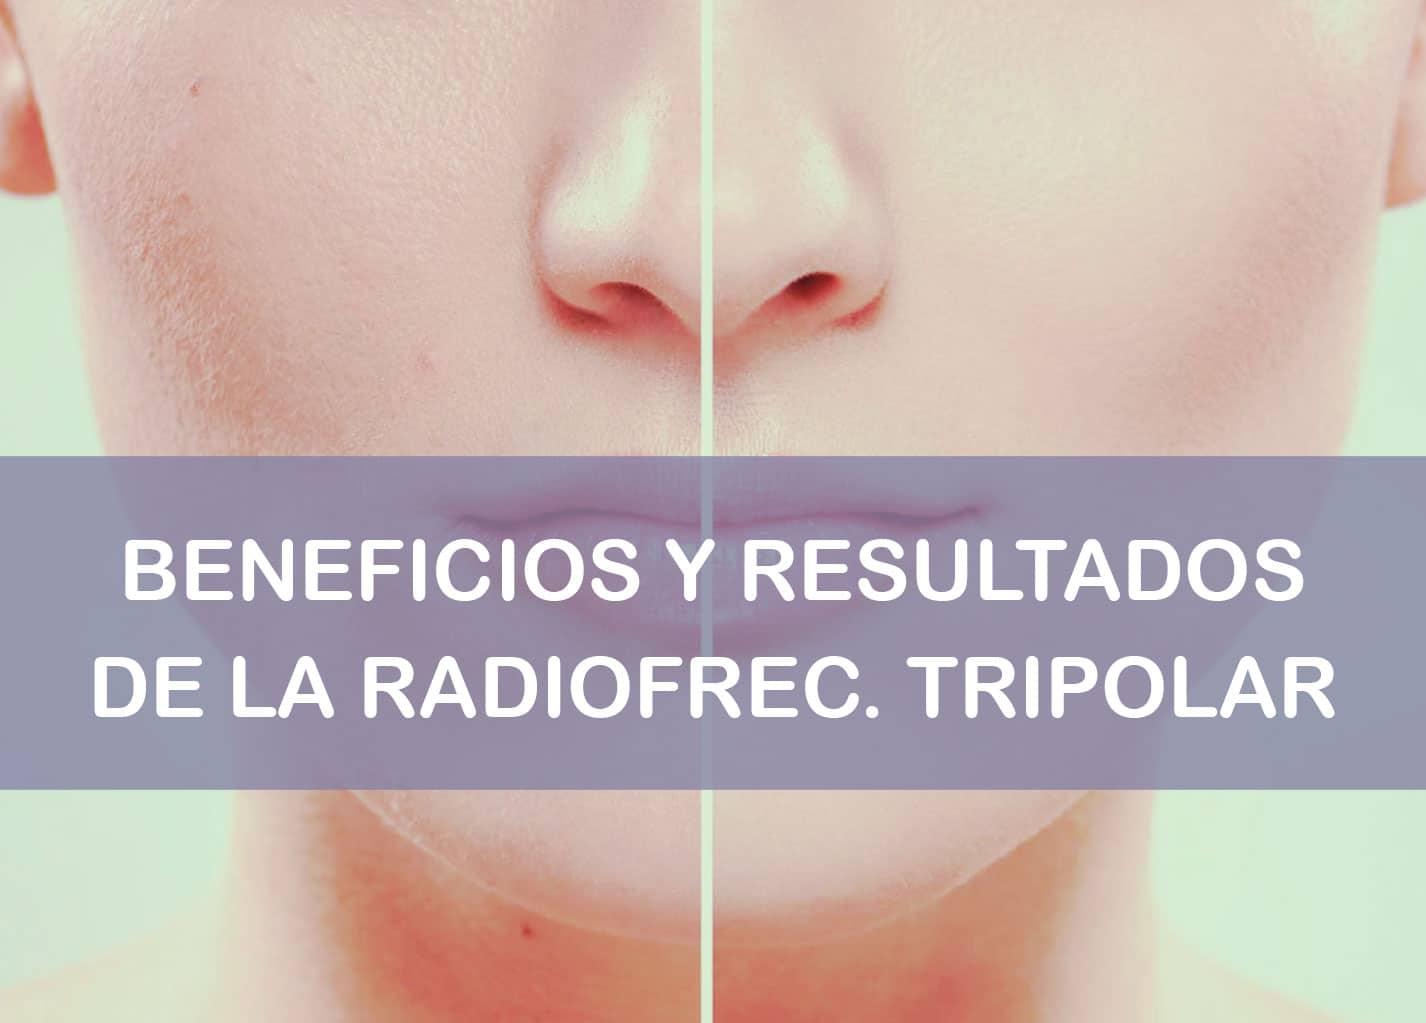 Beneficios y resultados de la radiofrecuencia tripolar